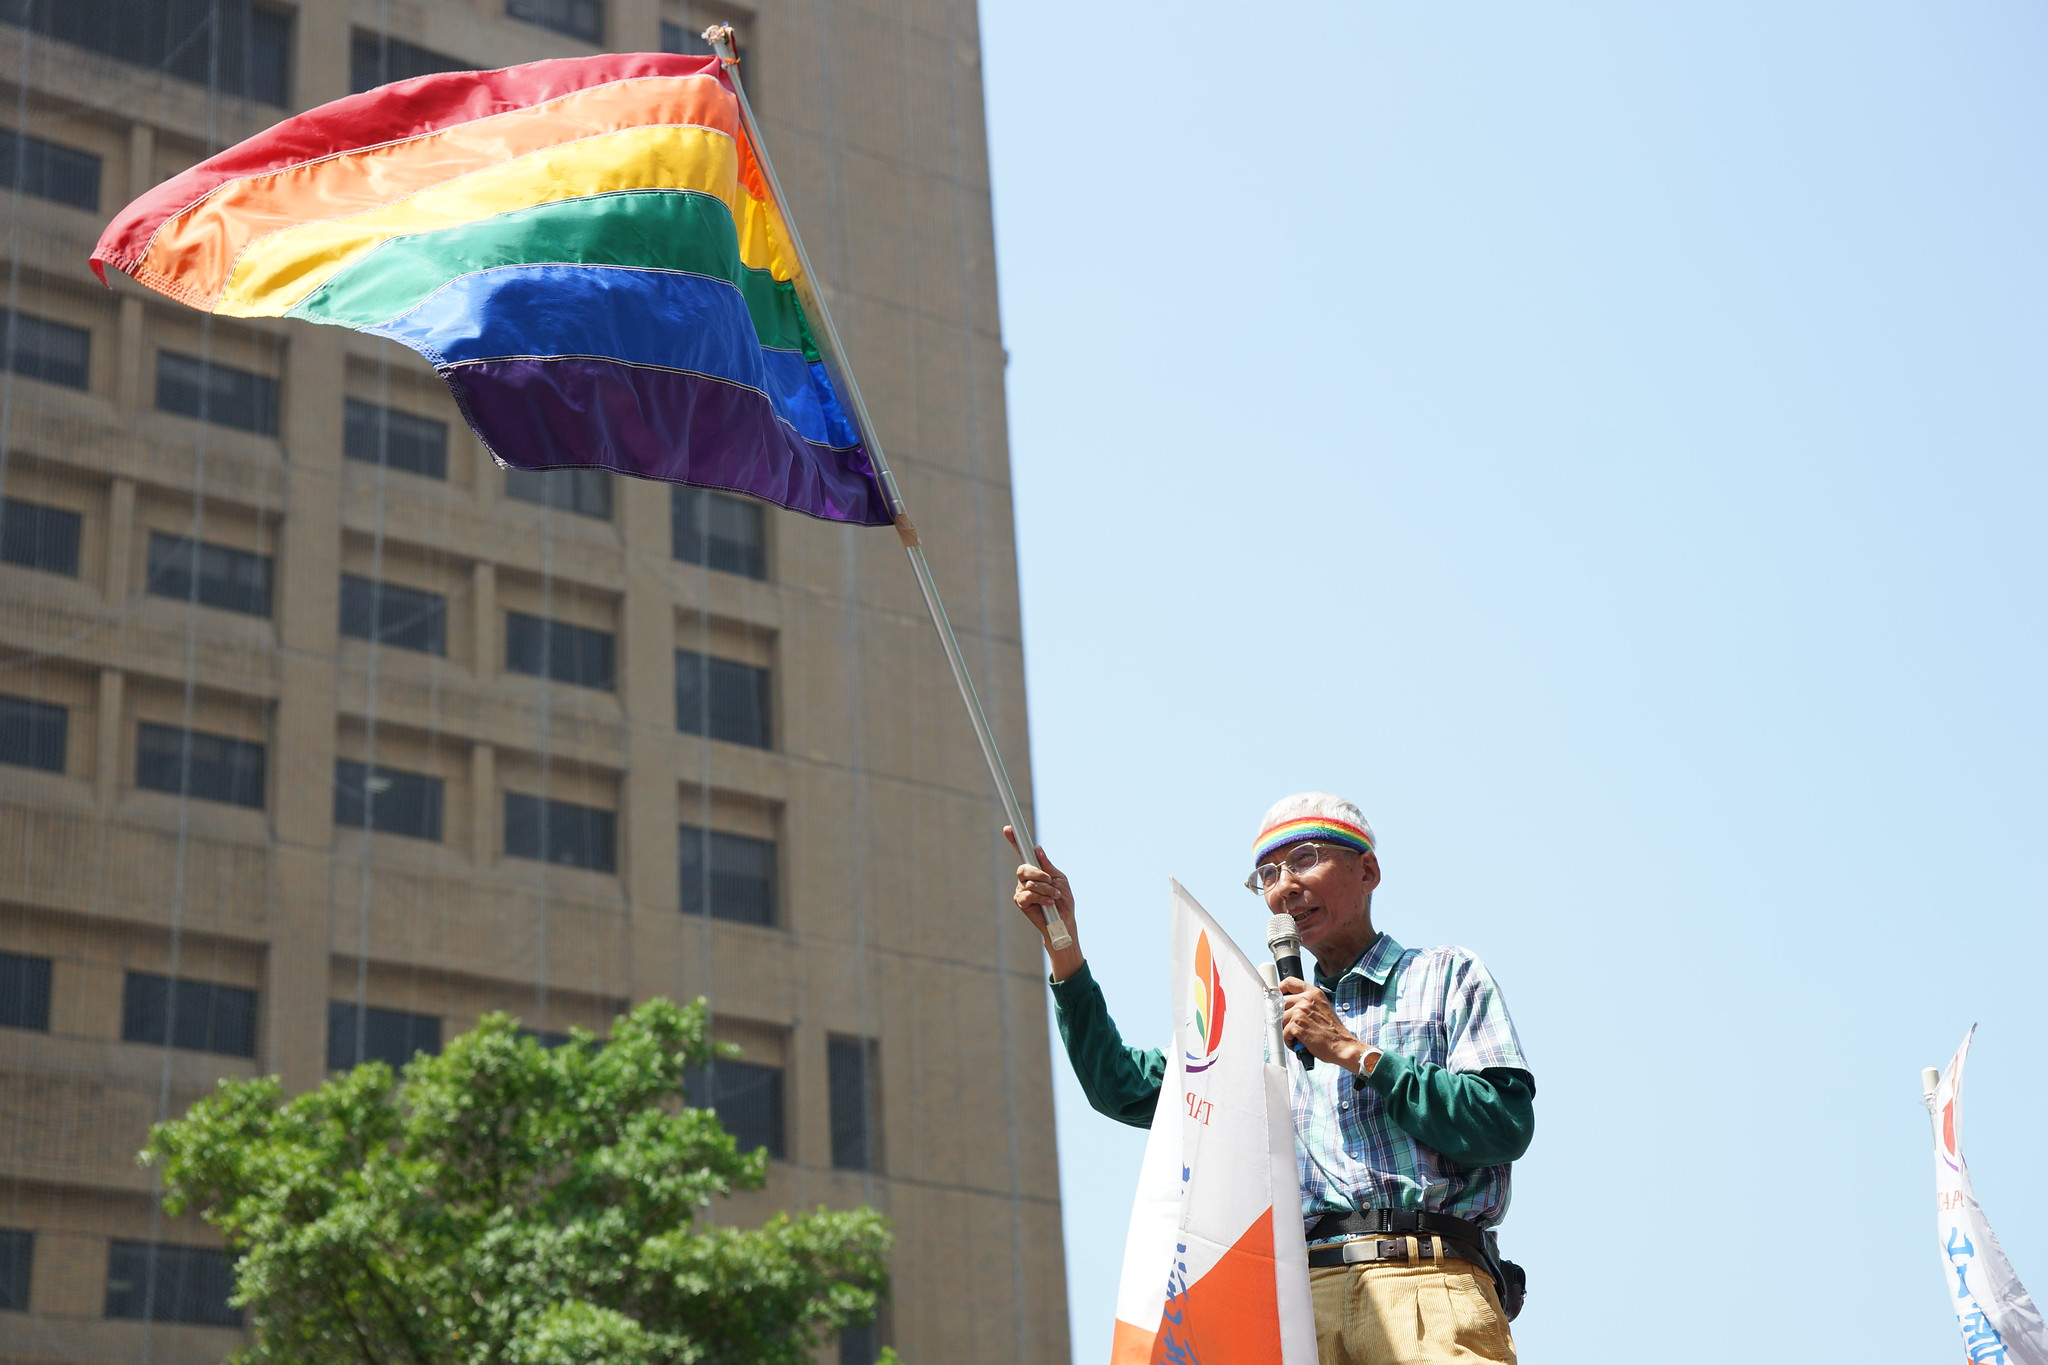 祁家威諷刺中選會寧當「漢奸」鼓勵同志團結對抗護家盟。(攝影:王顥中)